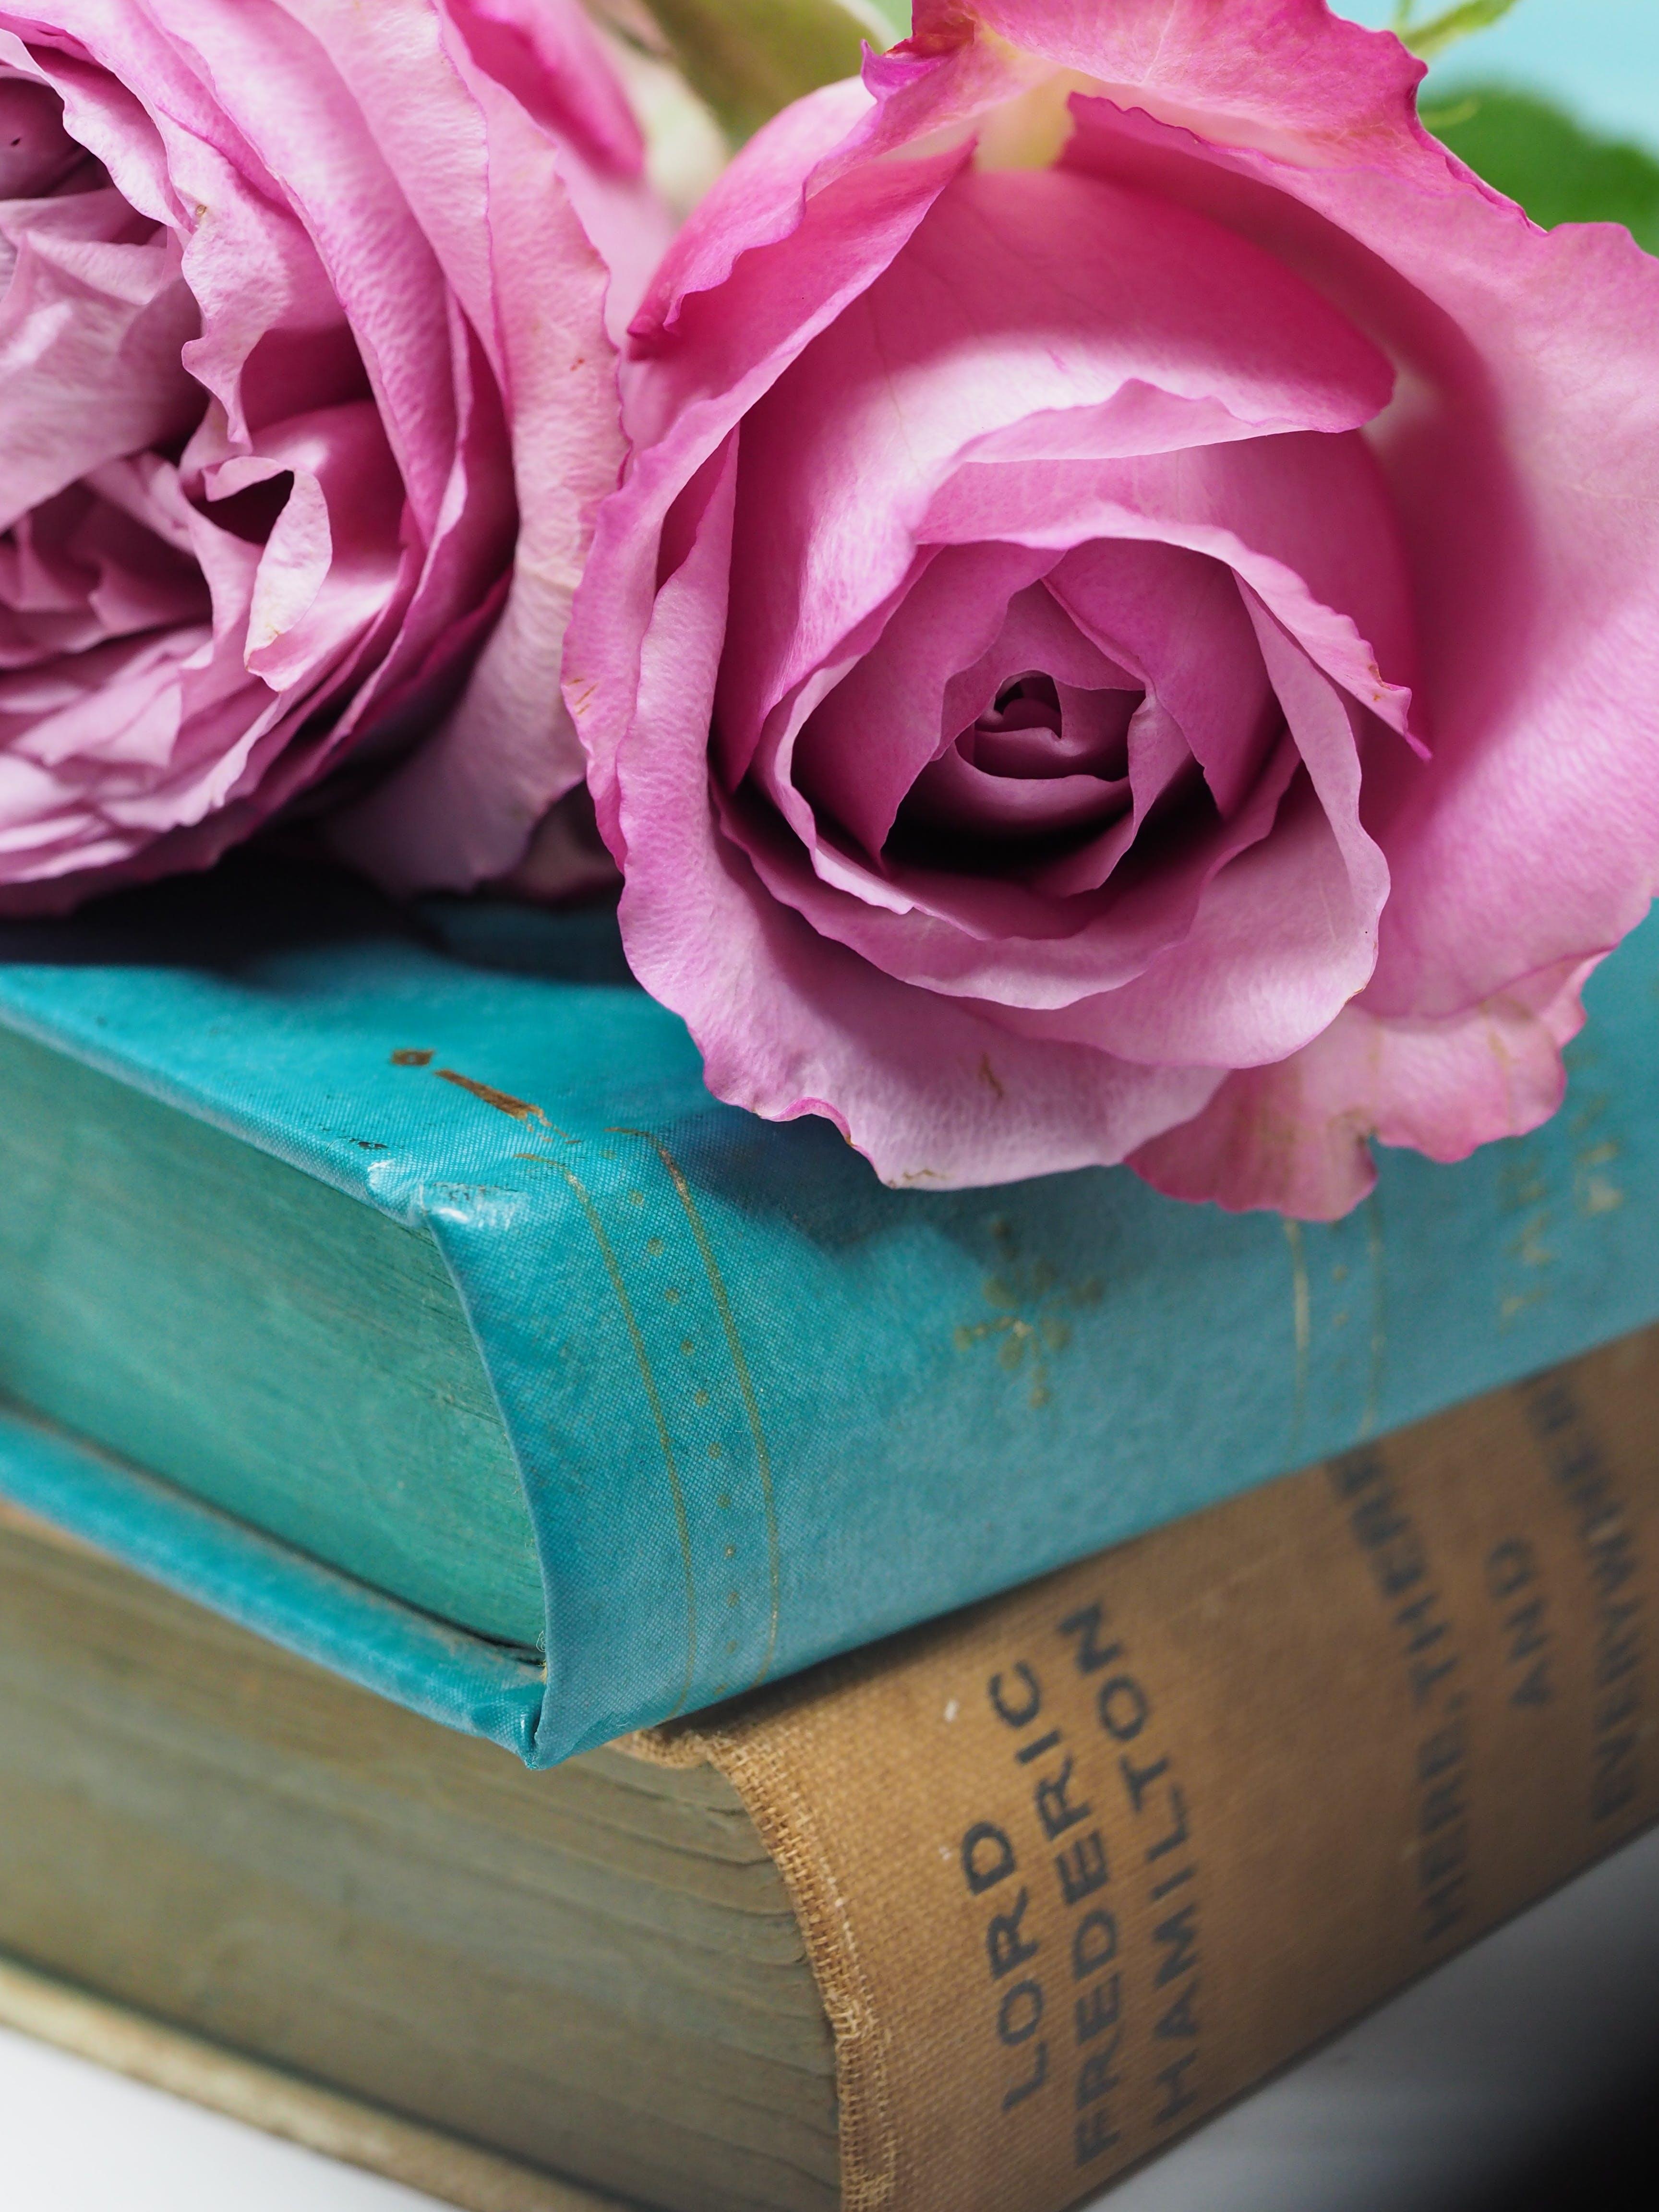 Kostenloses Stock Foto zu blumen, blütenblätter, bucheinbände, duftend